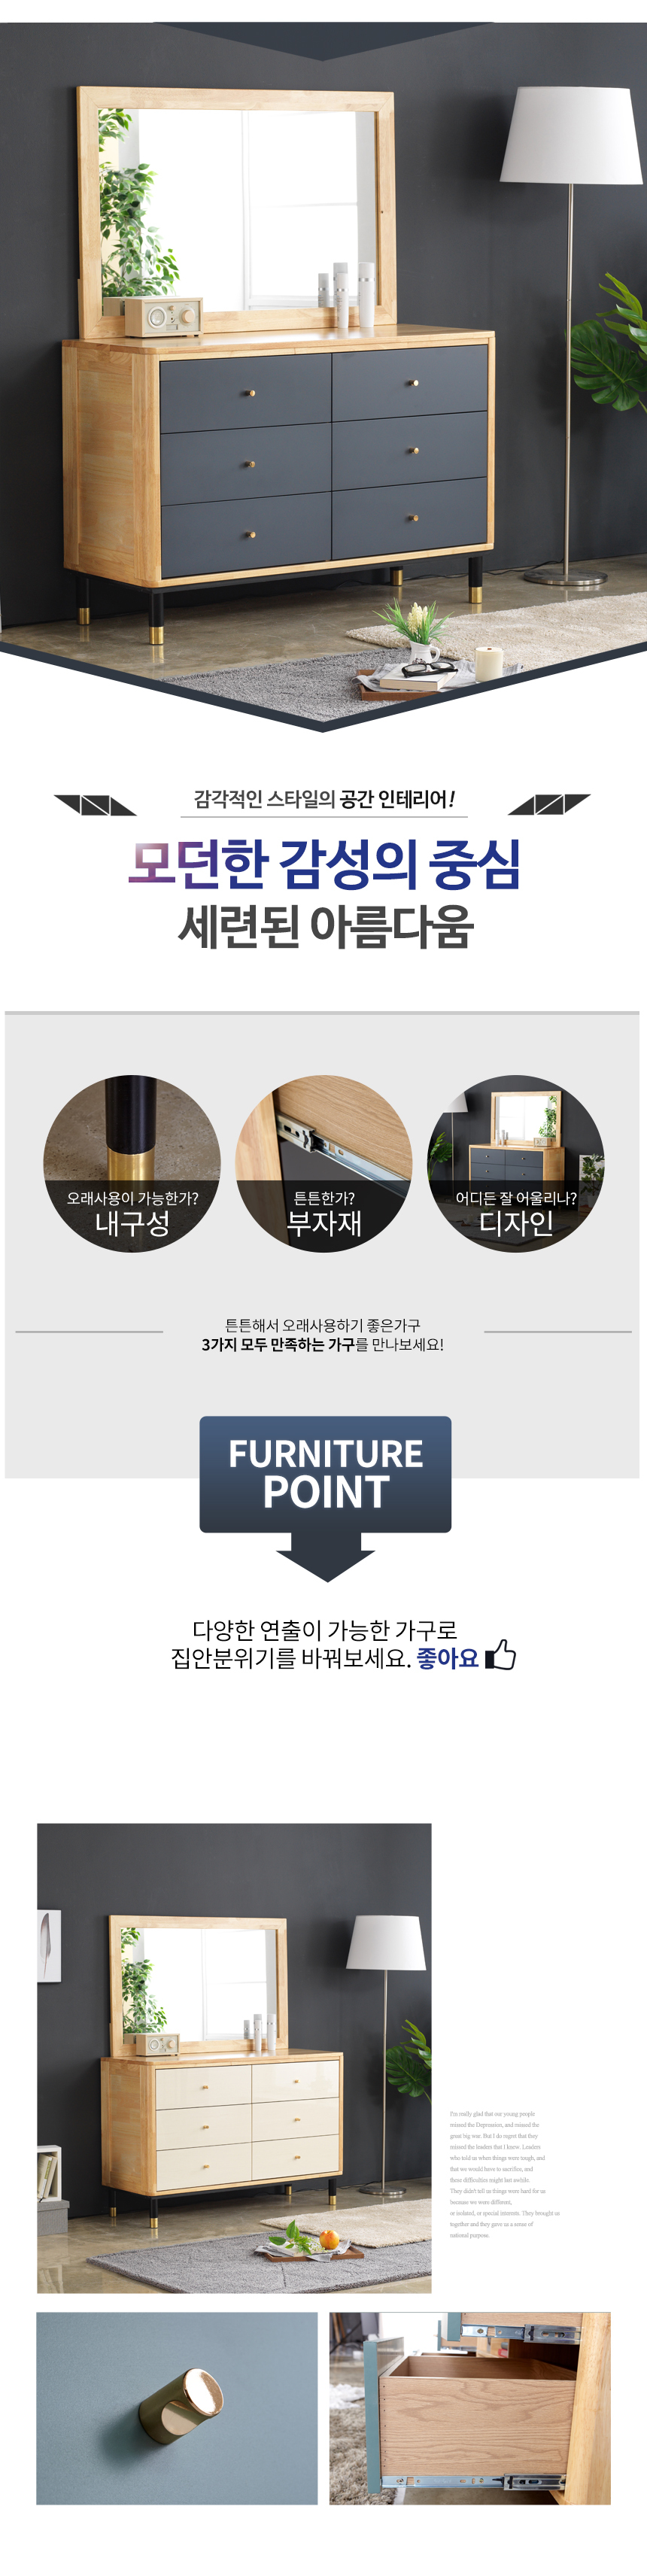 아라 양3단 서랍장 - 동화속나무, 465,000원, 협탁/서랍장, 서랍장